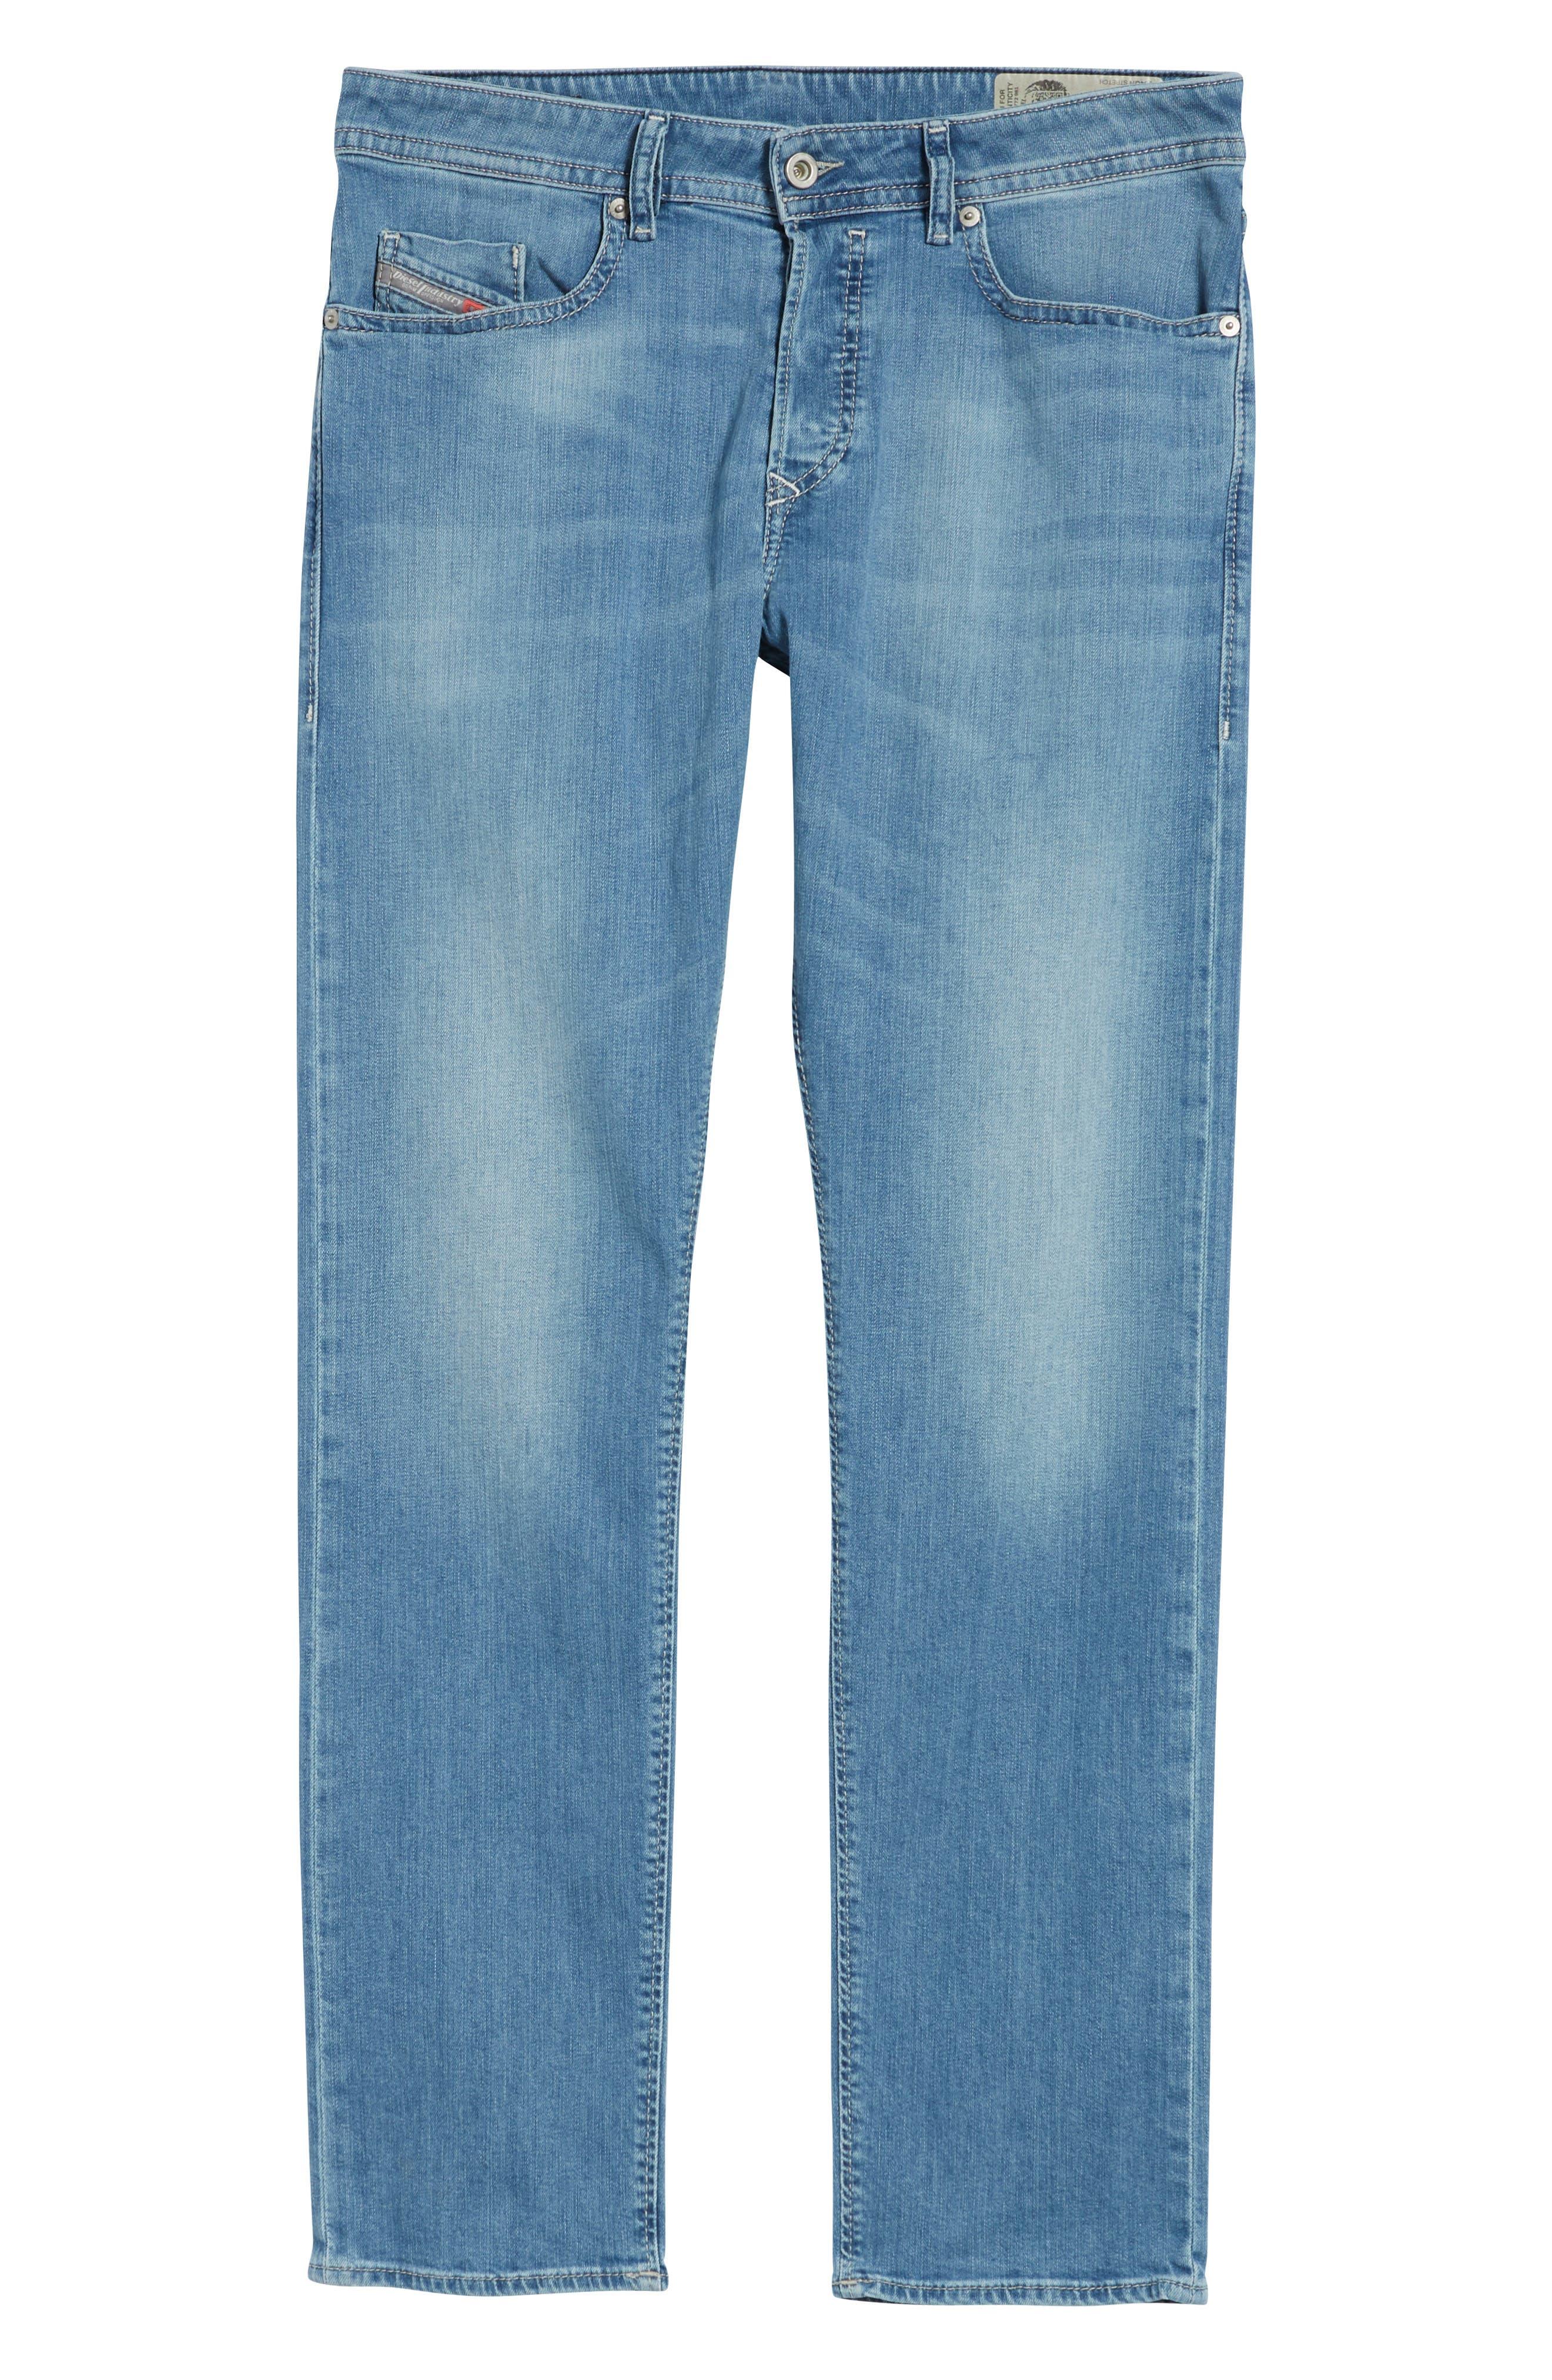 Buster Slim Straight Leg Jeans,                             Alternate thumbnail 6, color,                             Denim